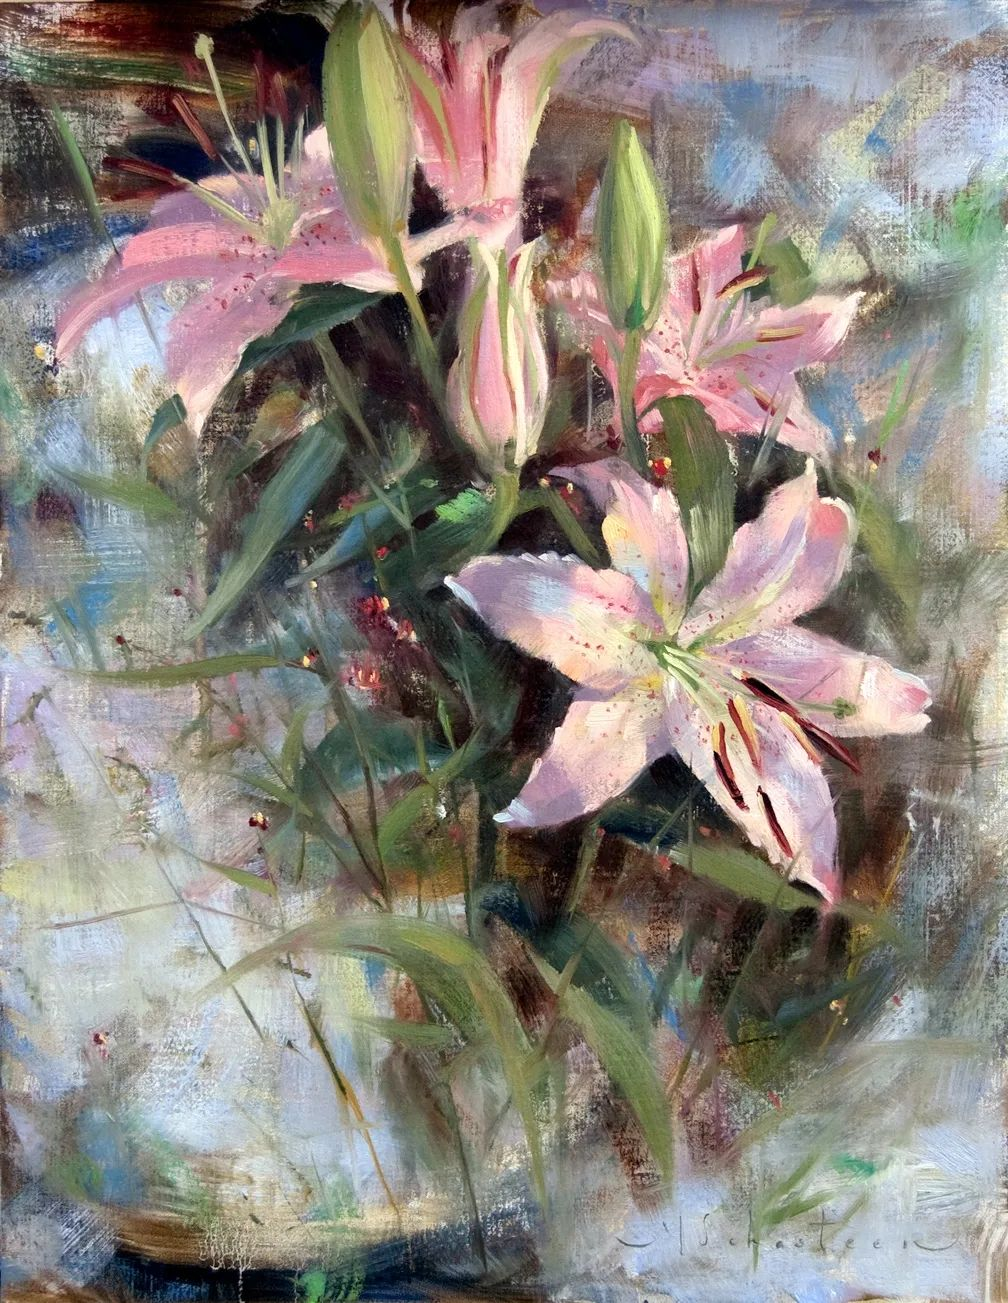 自学油画,她用真情描绘着周围的世界之美插图47